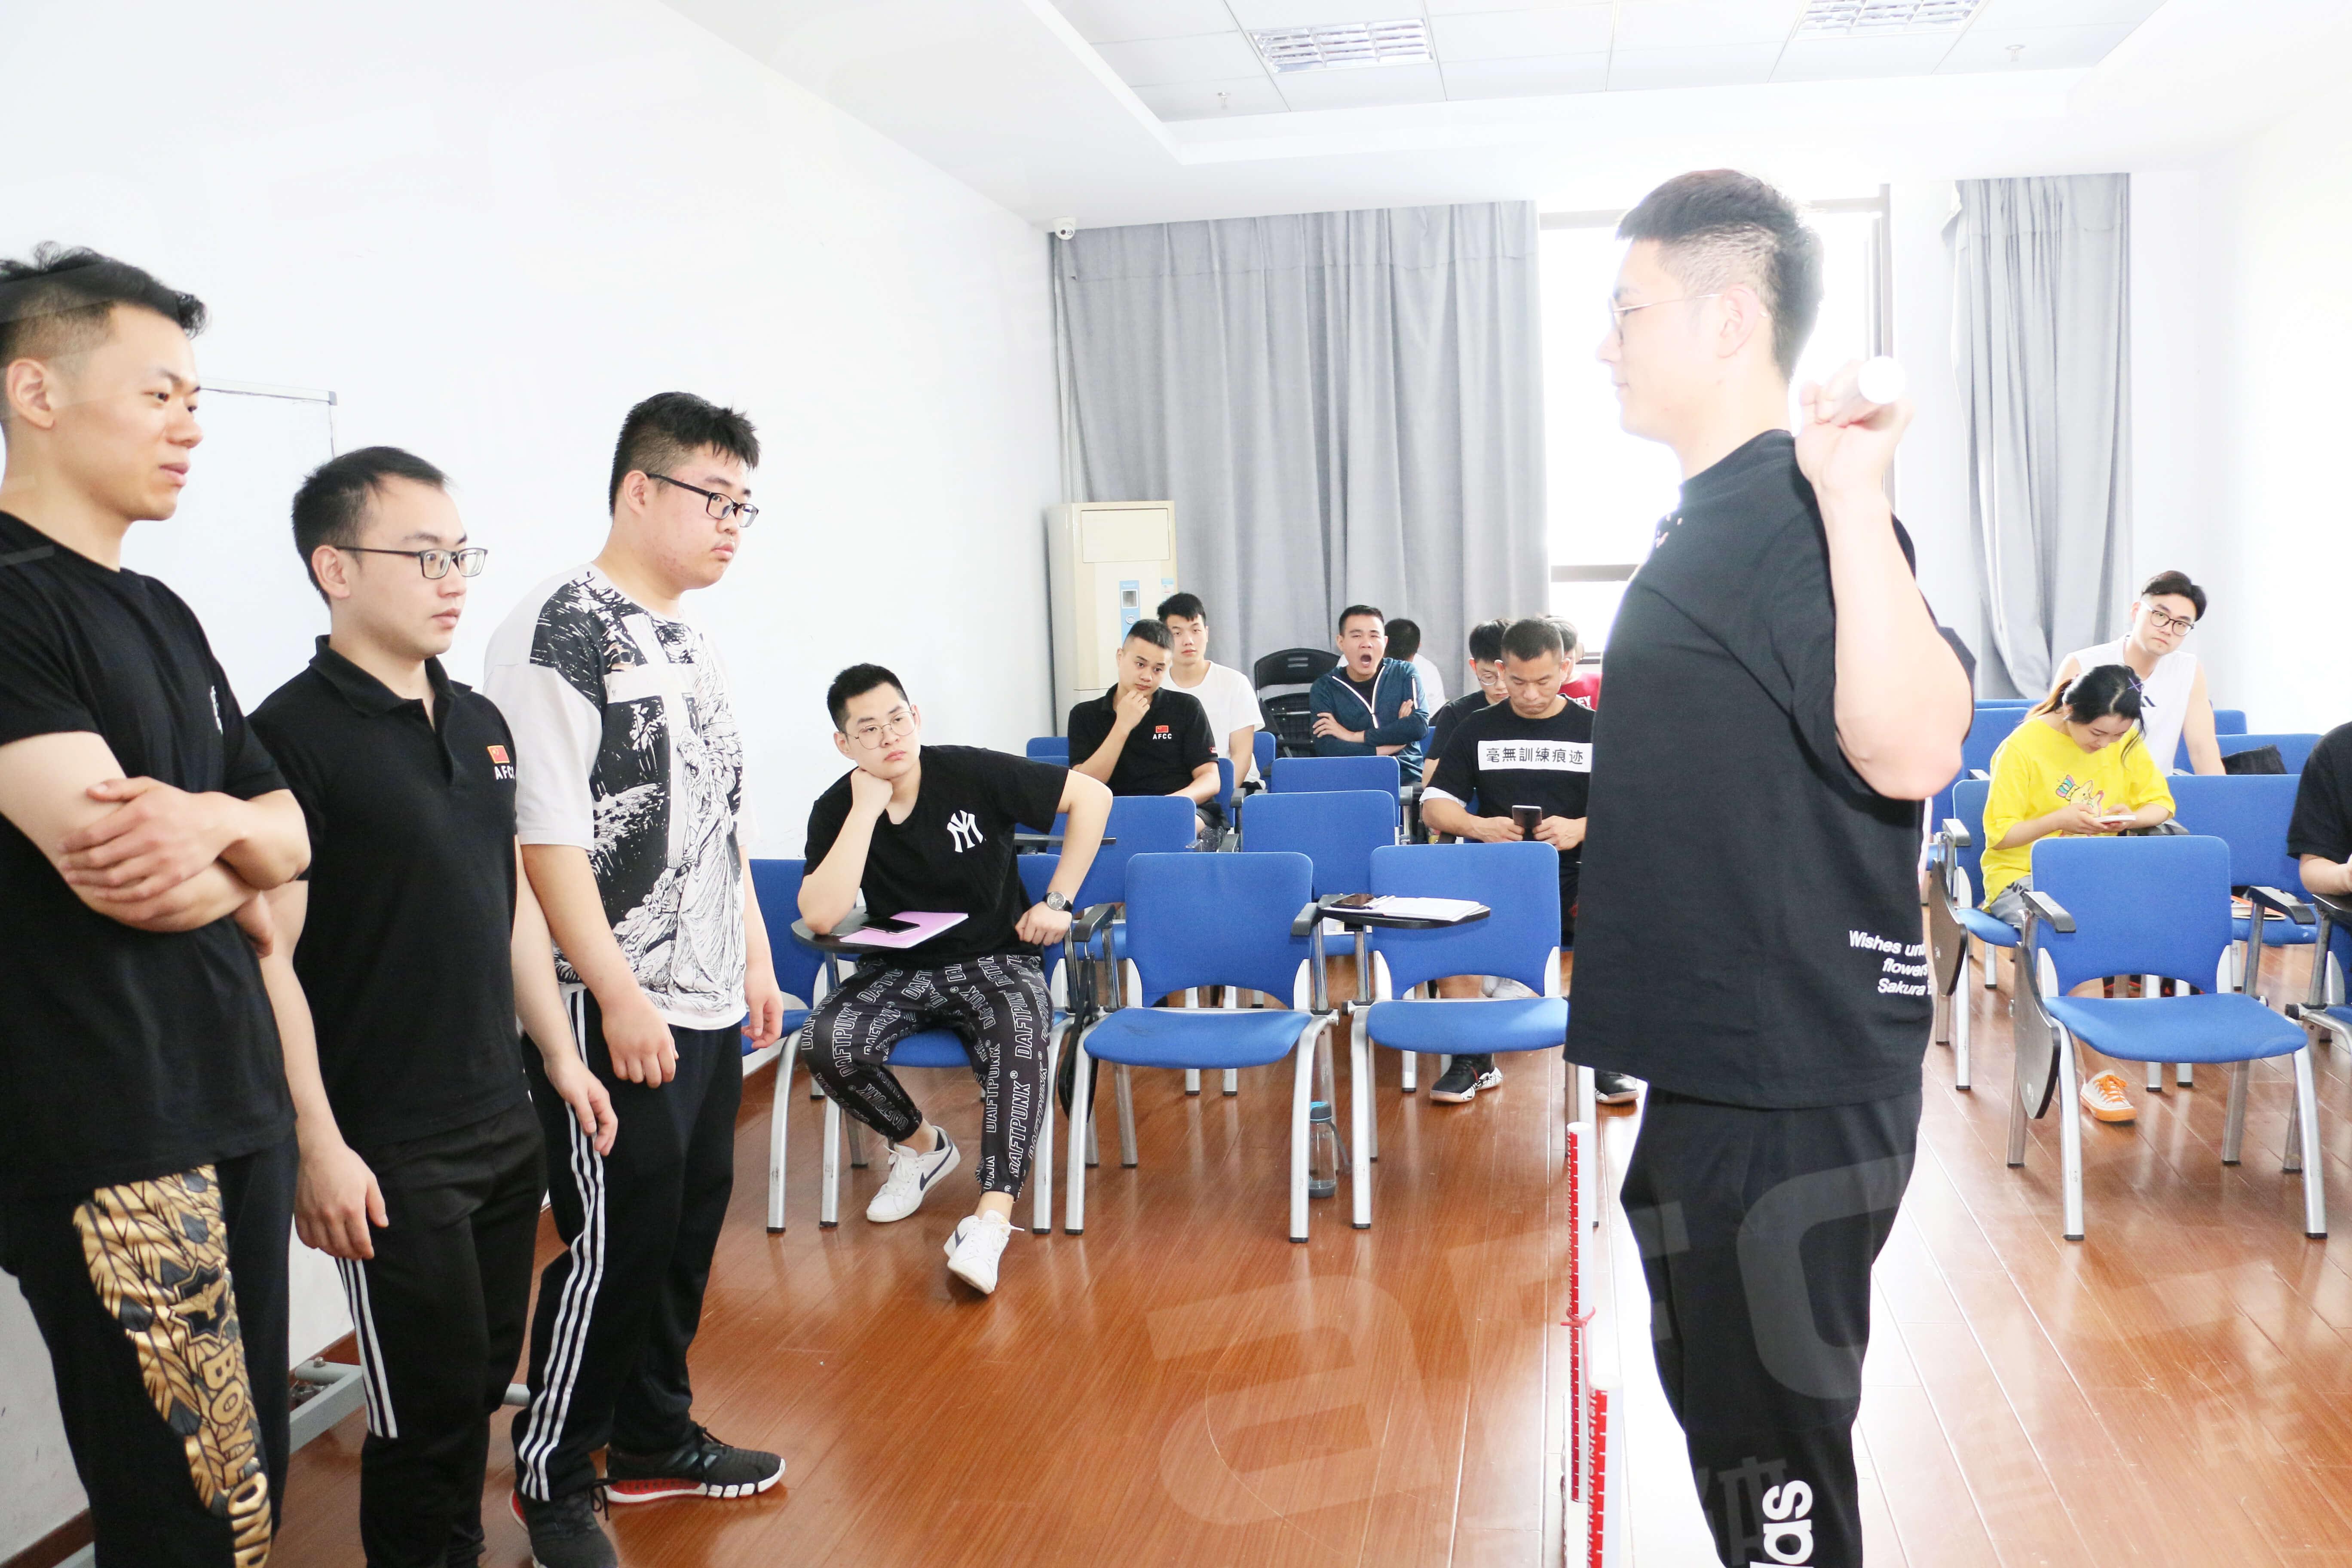 国家体育总局指定健身教练培训基地